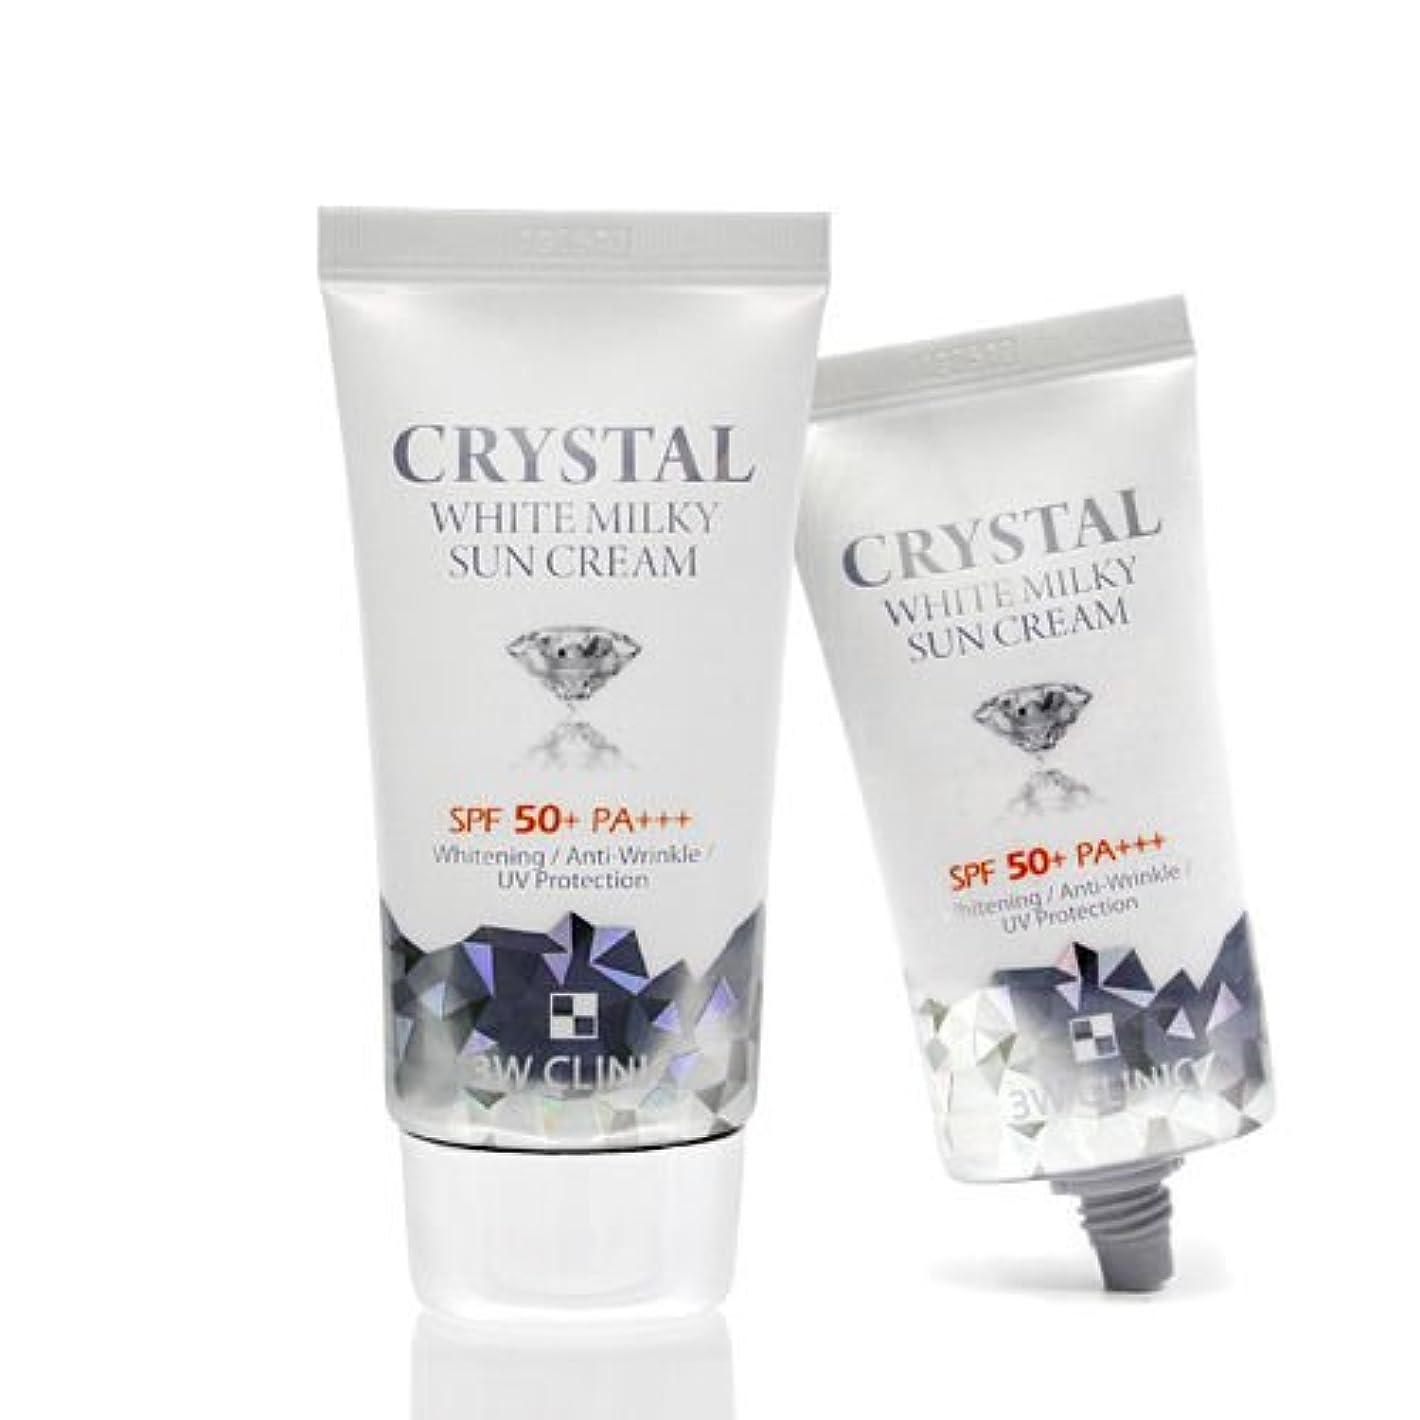 適度な卒業記念アルバム落ち着く3Wクリニック[韓国コスメ3w Clinic]Crystal White Milky Sun Cream クリスタルホワイトミルキー 日焼け止めクリーム50ml[並行輸入品]